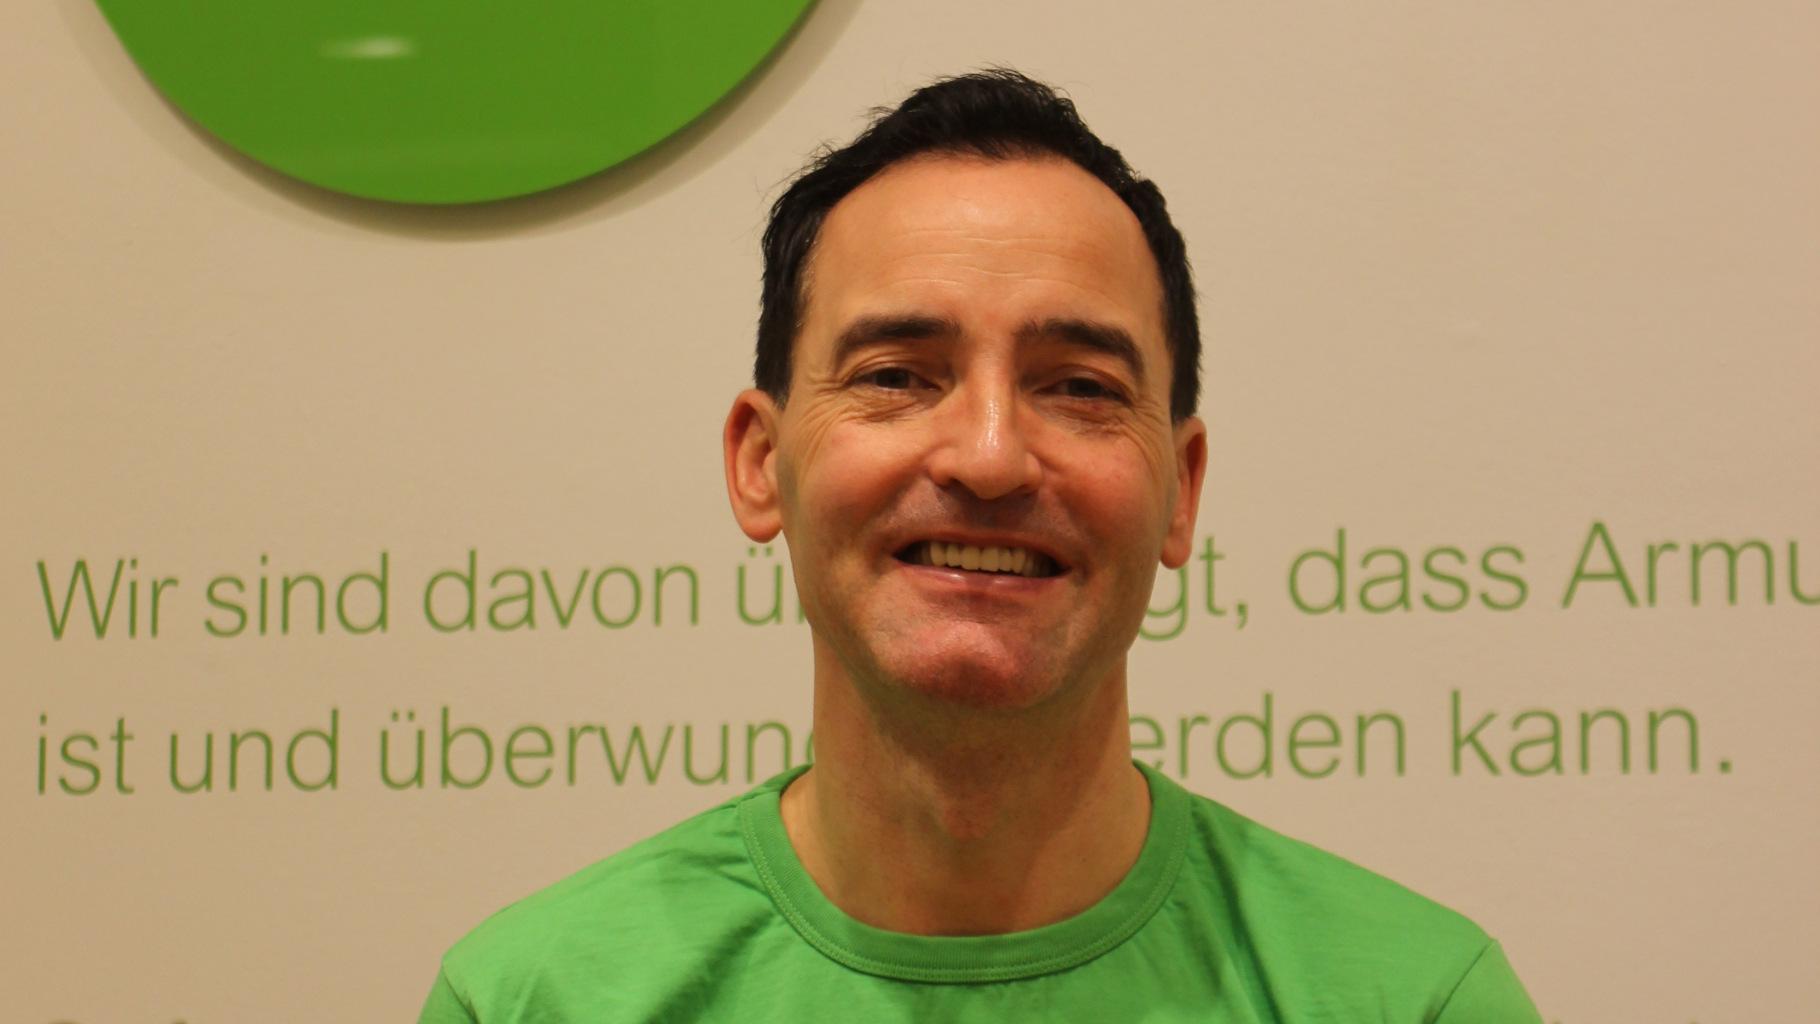 der Ehrenamtliche Frank Zaremba aus dem Oxfam Shop Leipzig